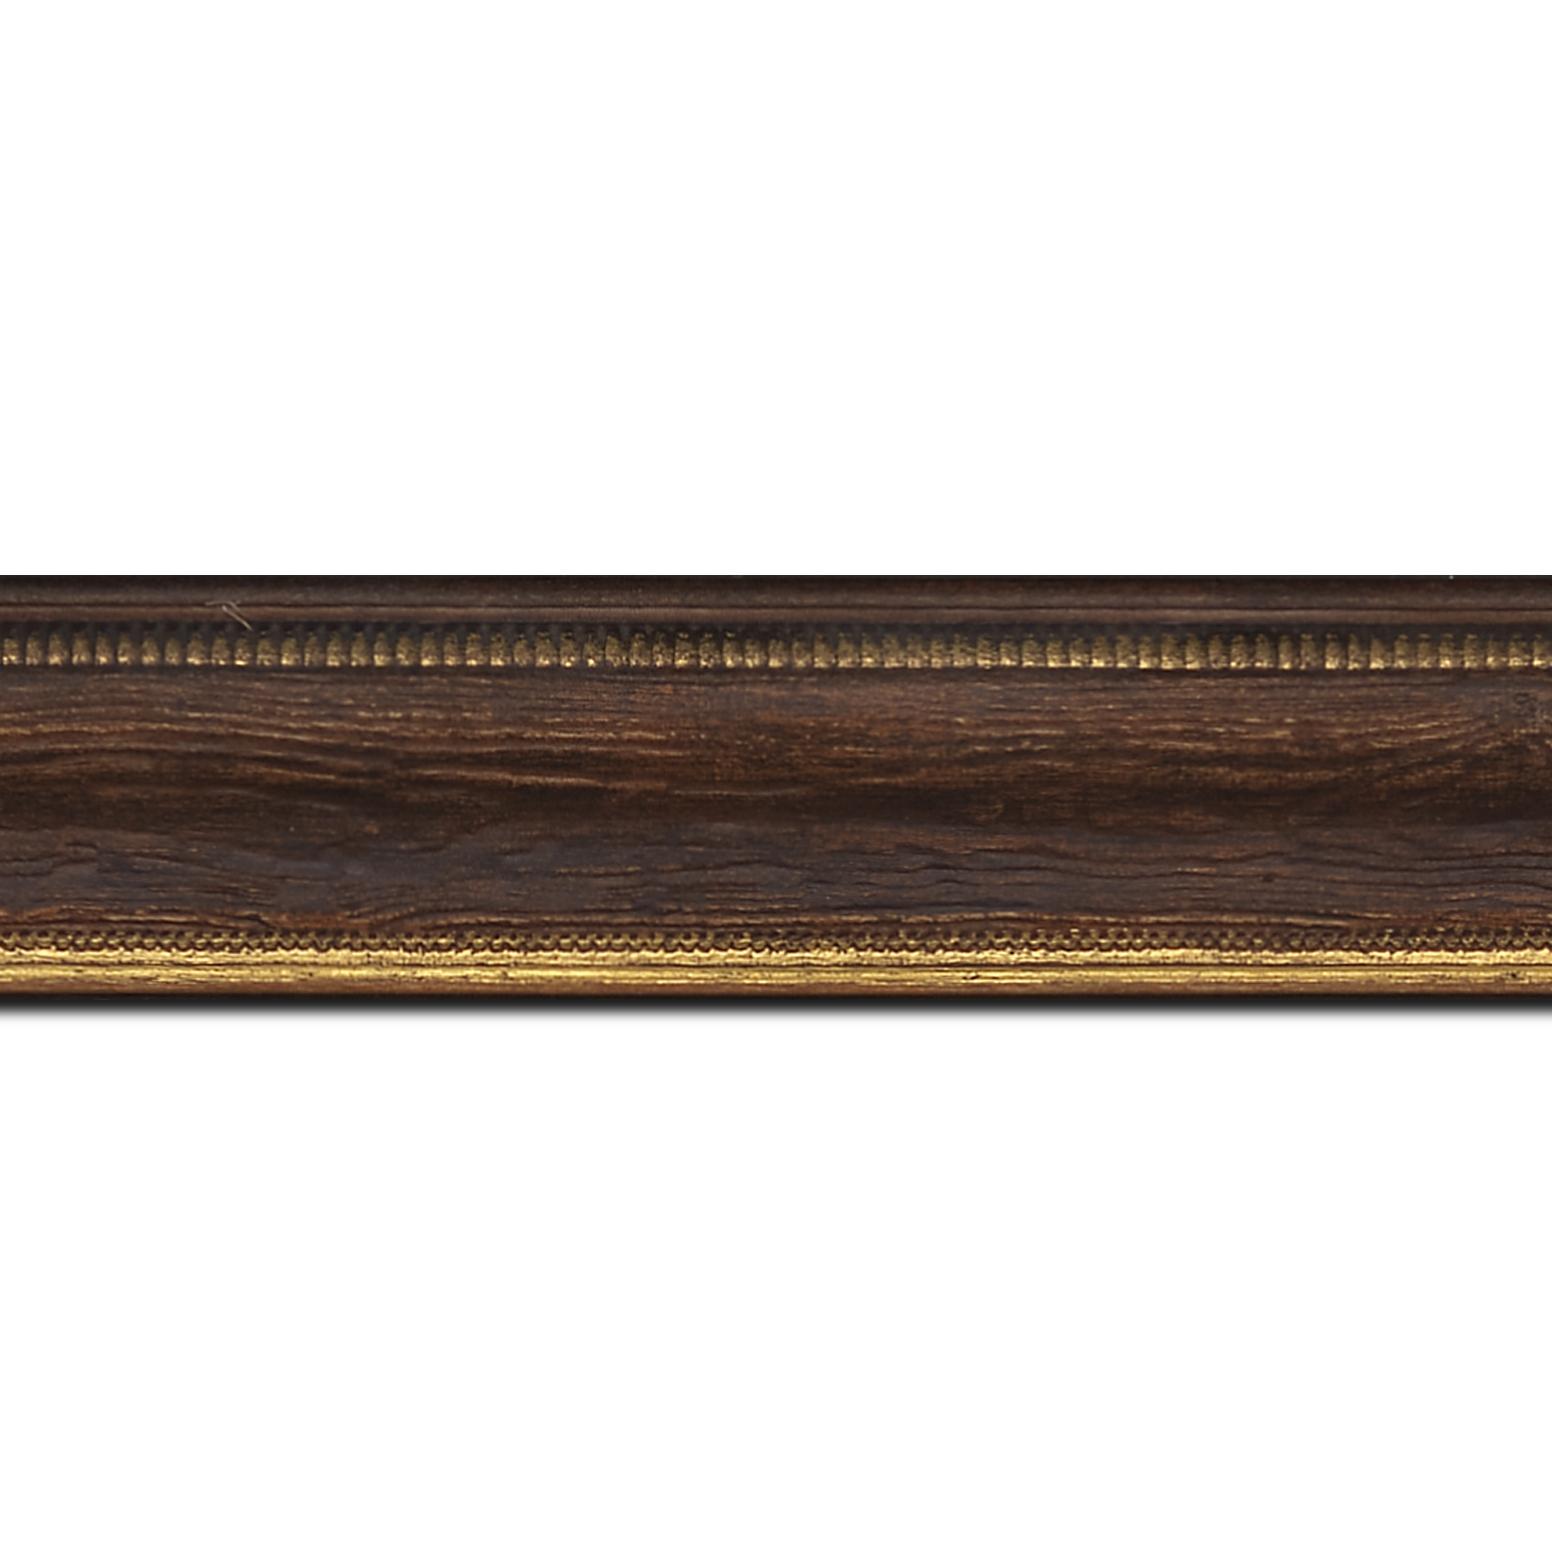 Pack par 12m, bois incurvé profil incurvé largeur 4.1cm couleur marron foncé aspect veiné liseret or (longueur baguette pouvant varier entre 2.40m et 3m selon arrivage des bois)